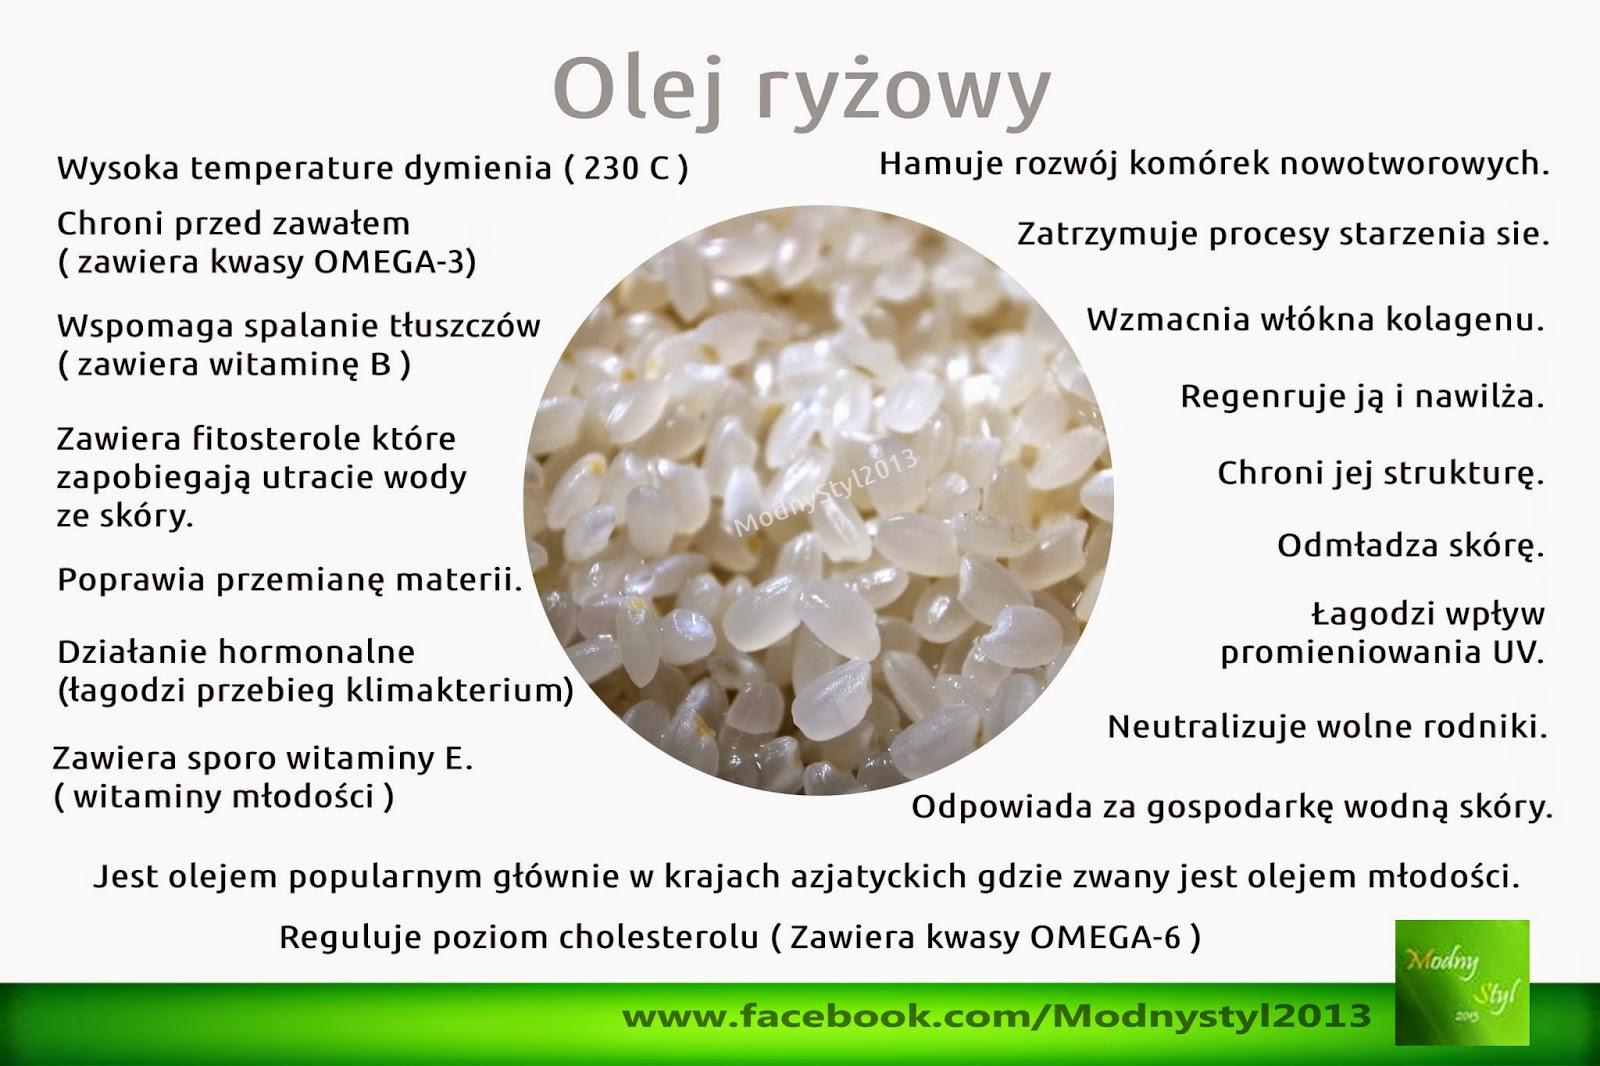 Olej ryżowy